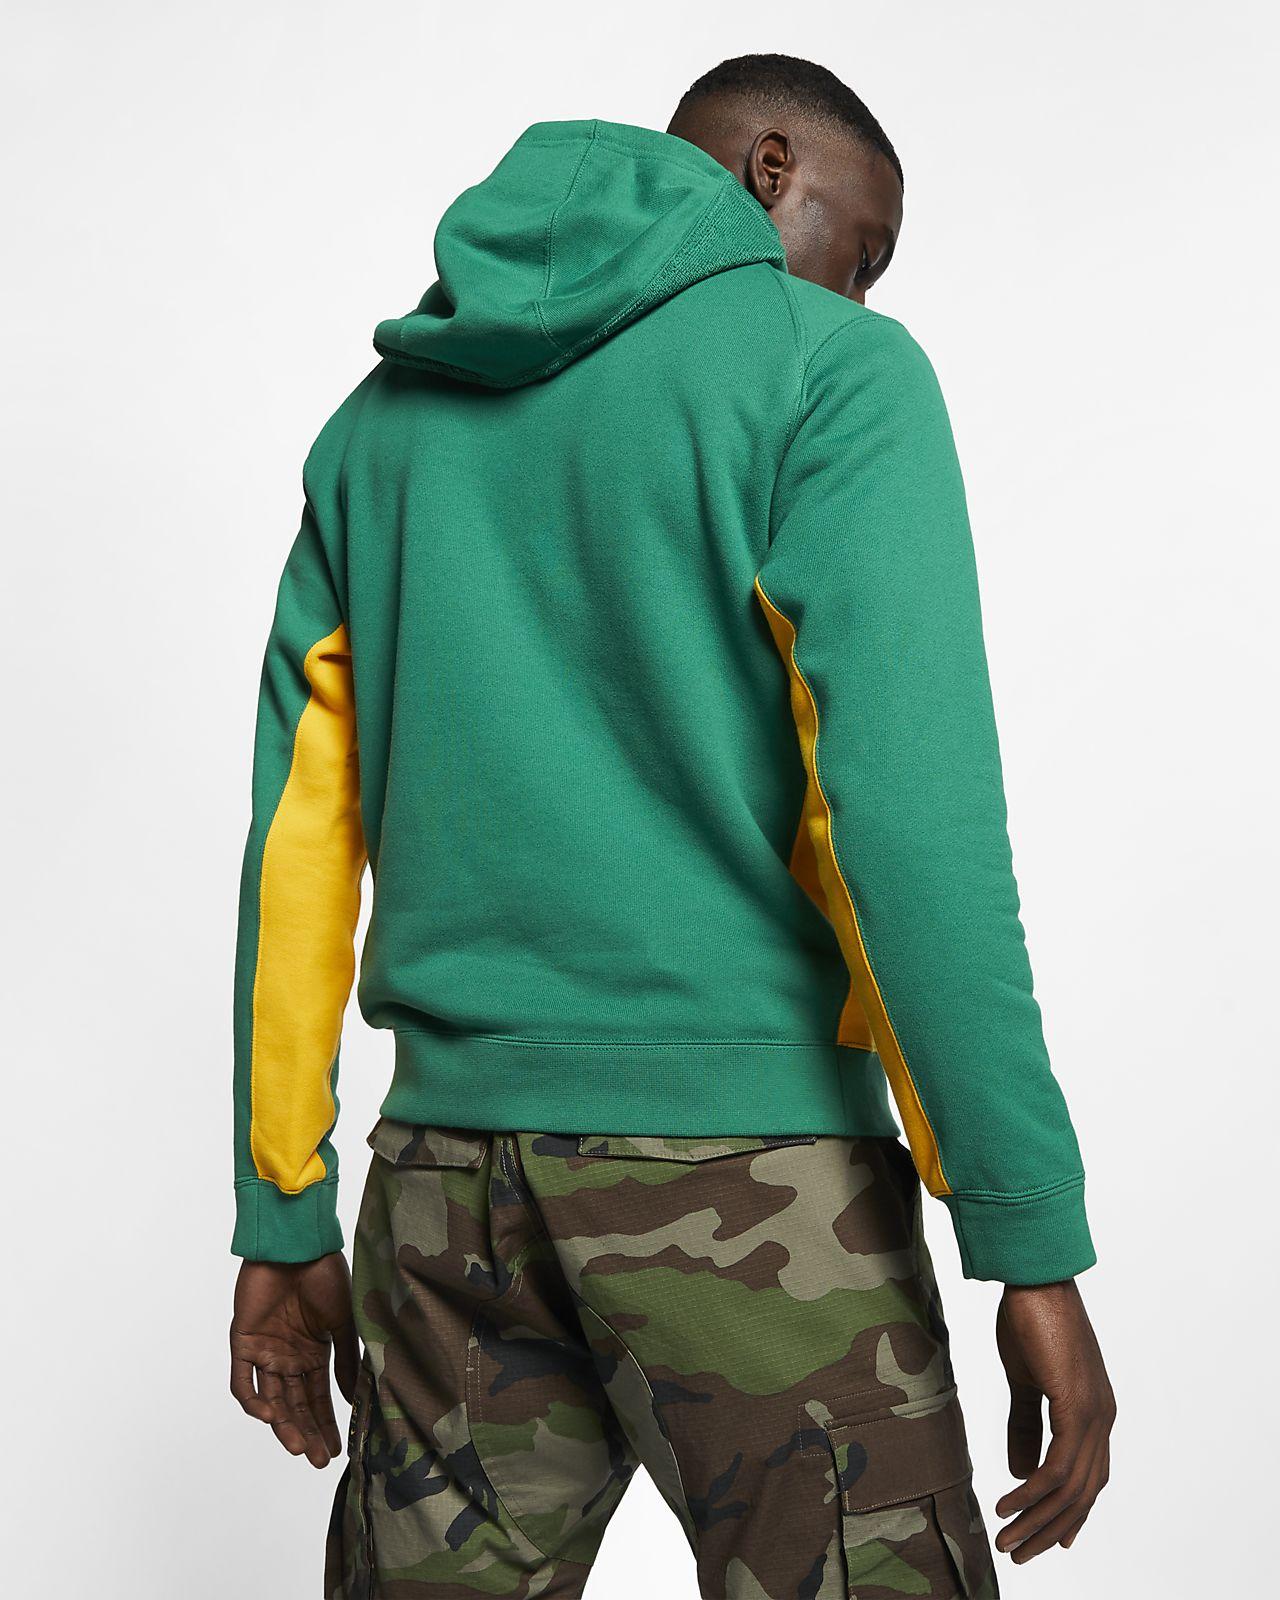 najniższa cena najniższa cena gorąca sprzedaż online Boston Celtics Nike Men's NBA Hoodie